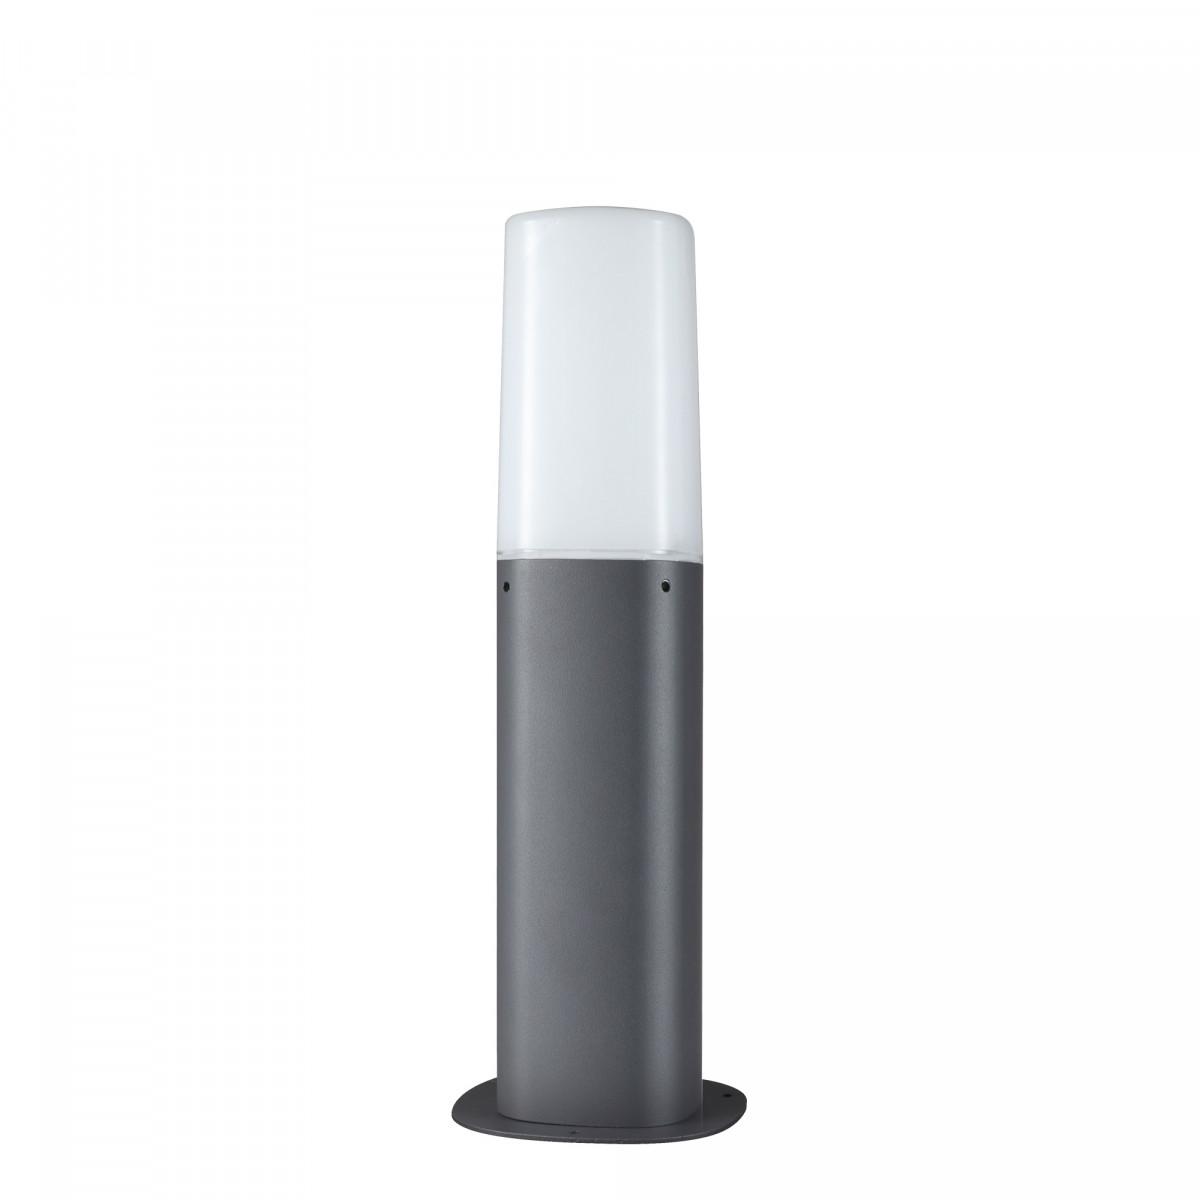 Sub sokkel Tuinlamp (7561) - KS Verlichting - Tuinlampen